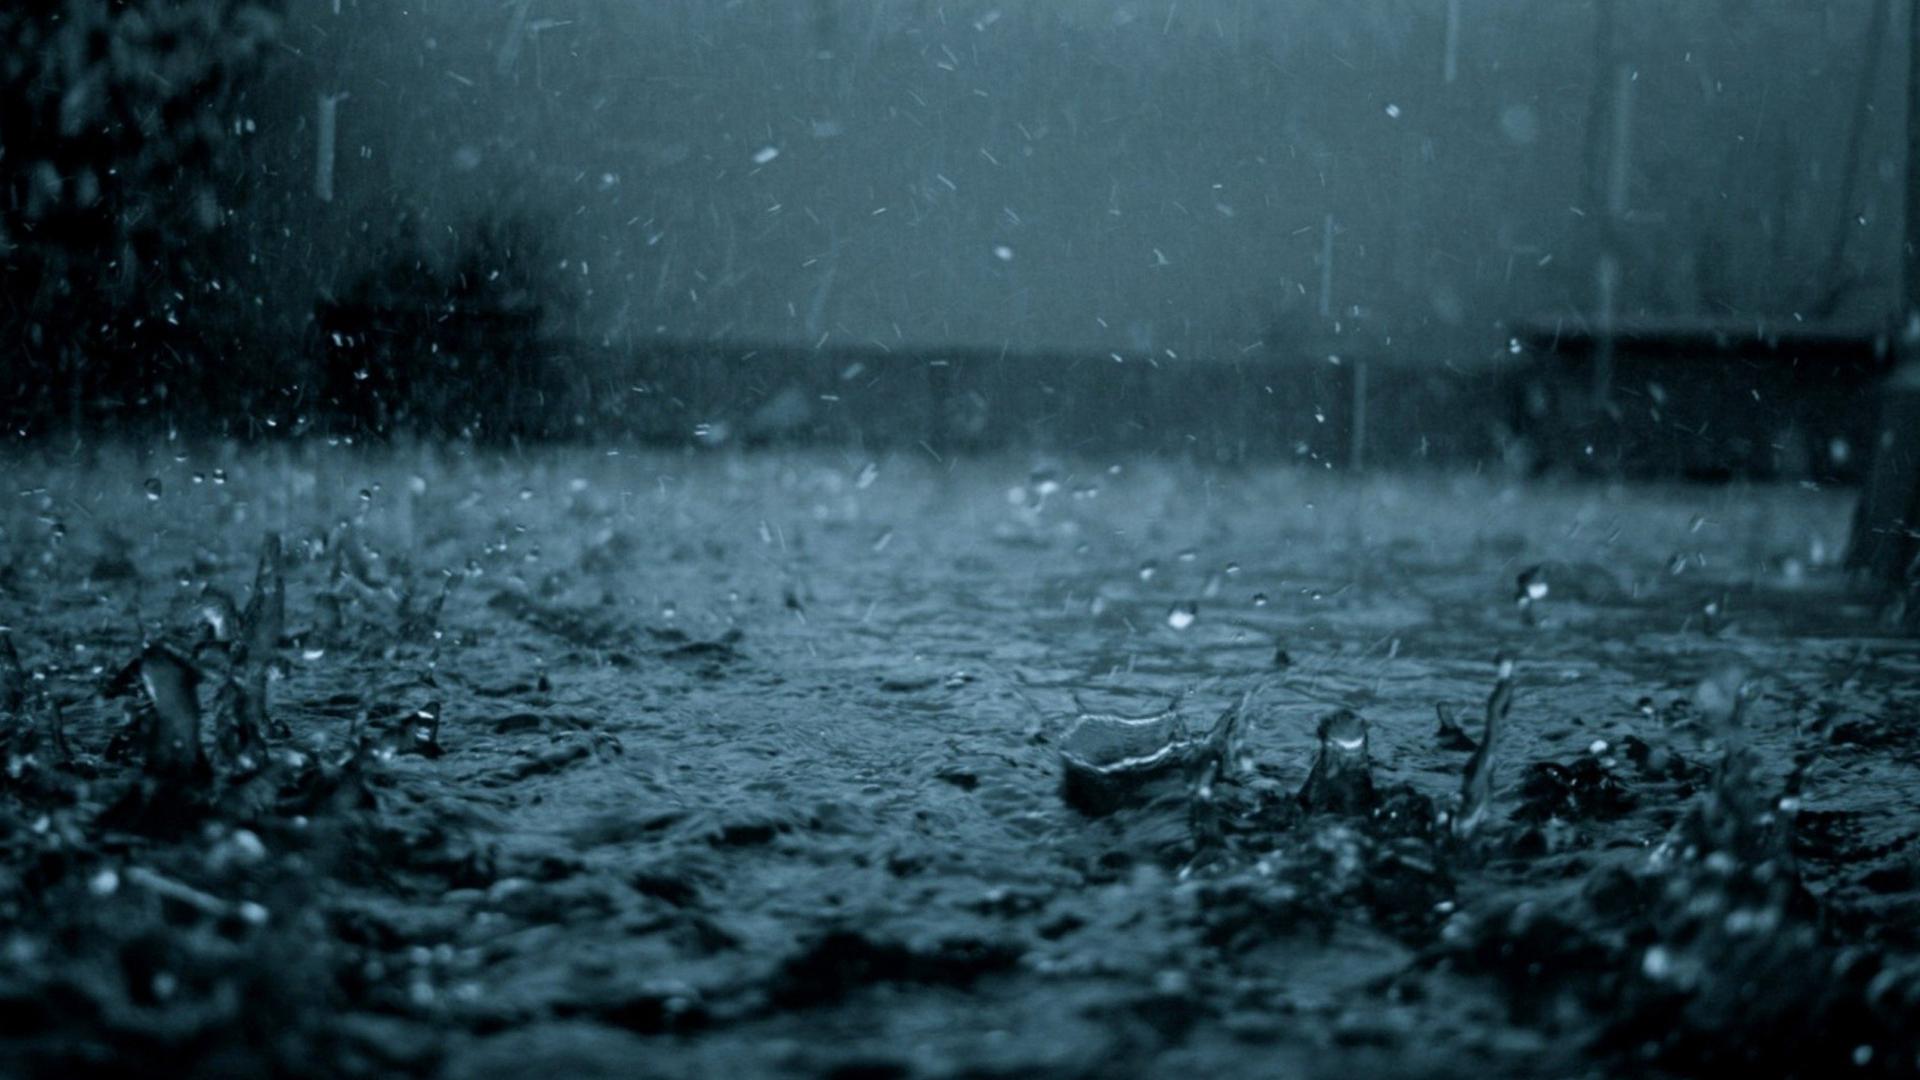 水滴下落风景图片保护眼睛的桌面壁纸